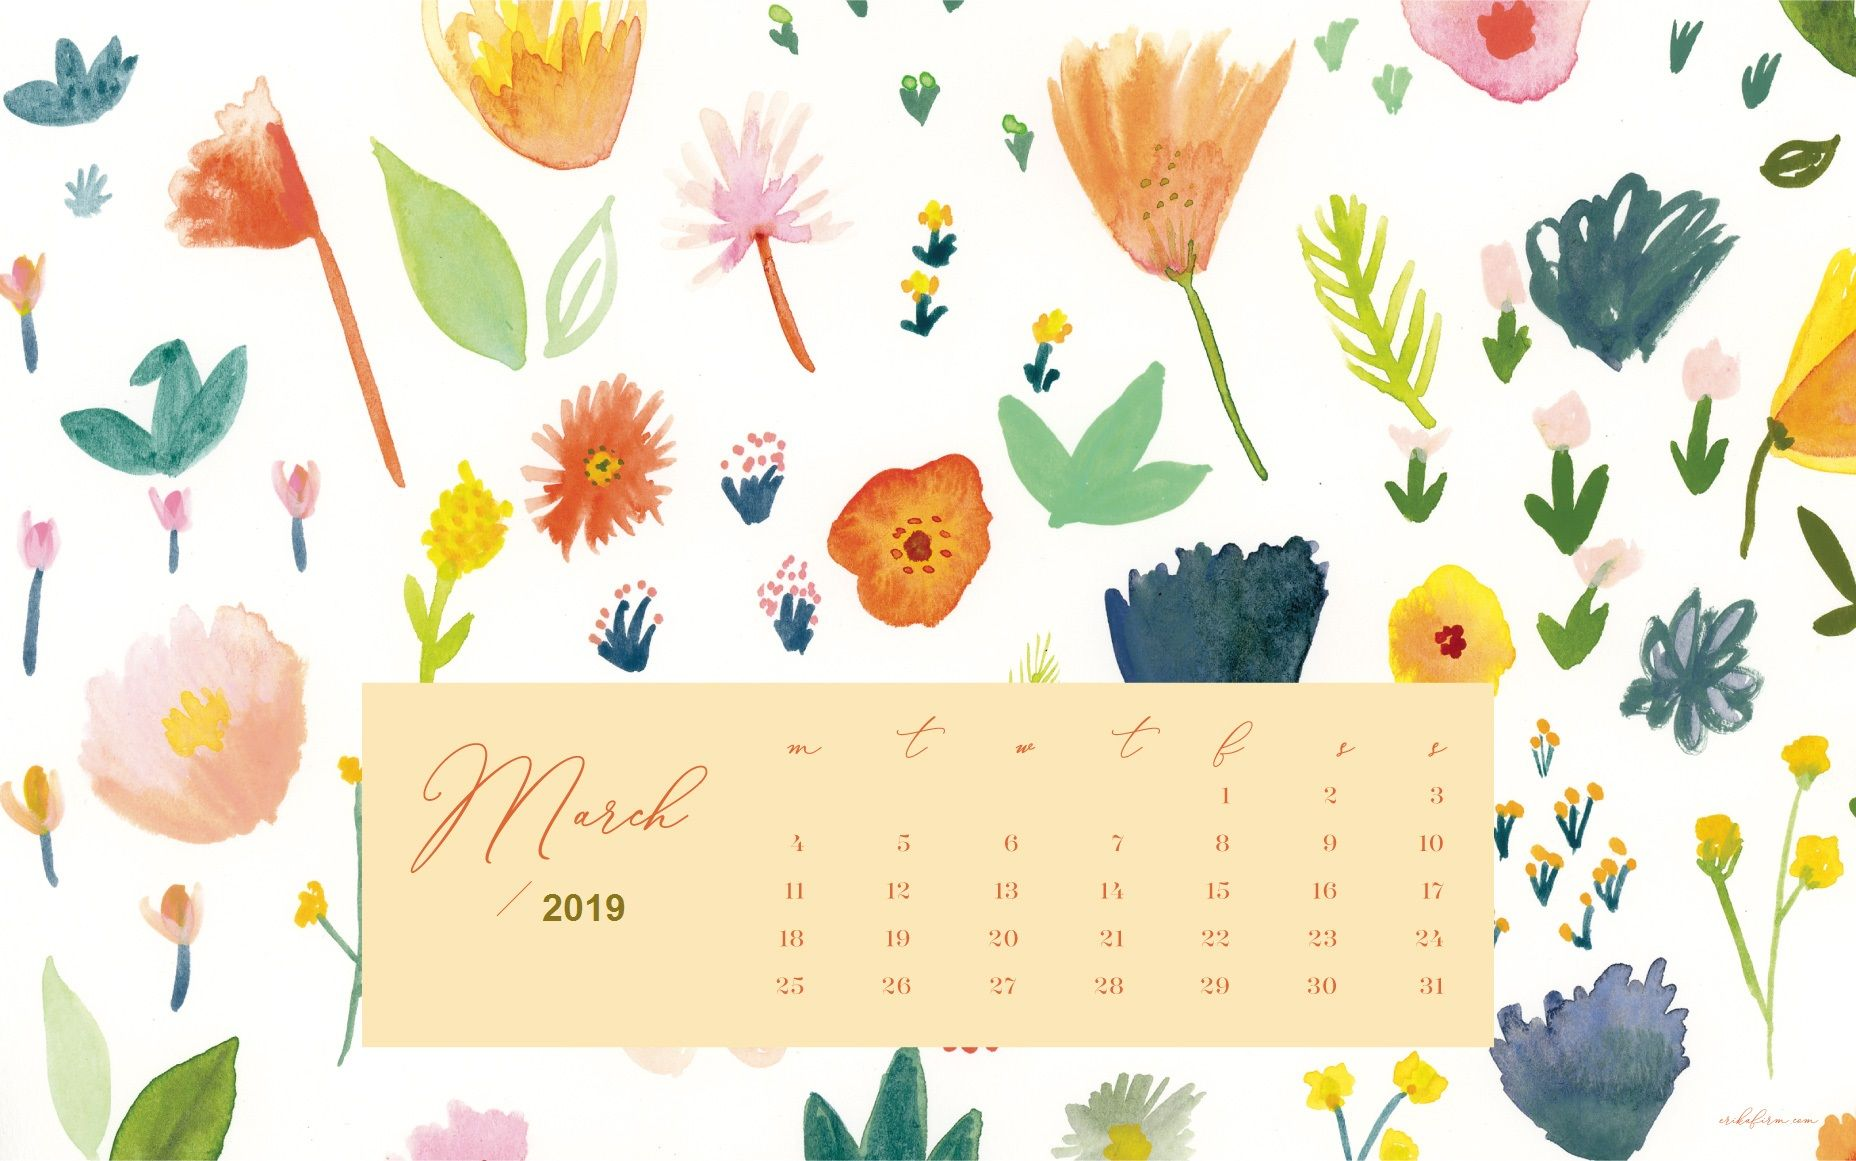 March 2019 Calendar Floral Background calendar 2019 Pinterest 1856x1161